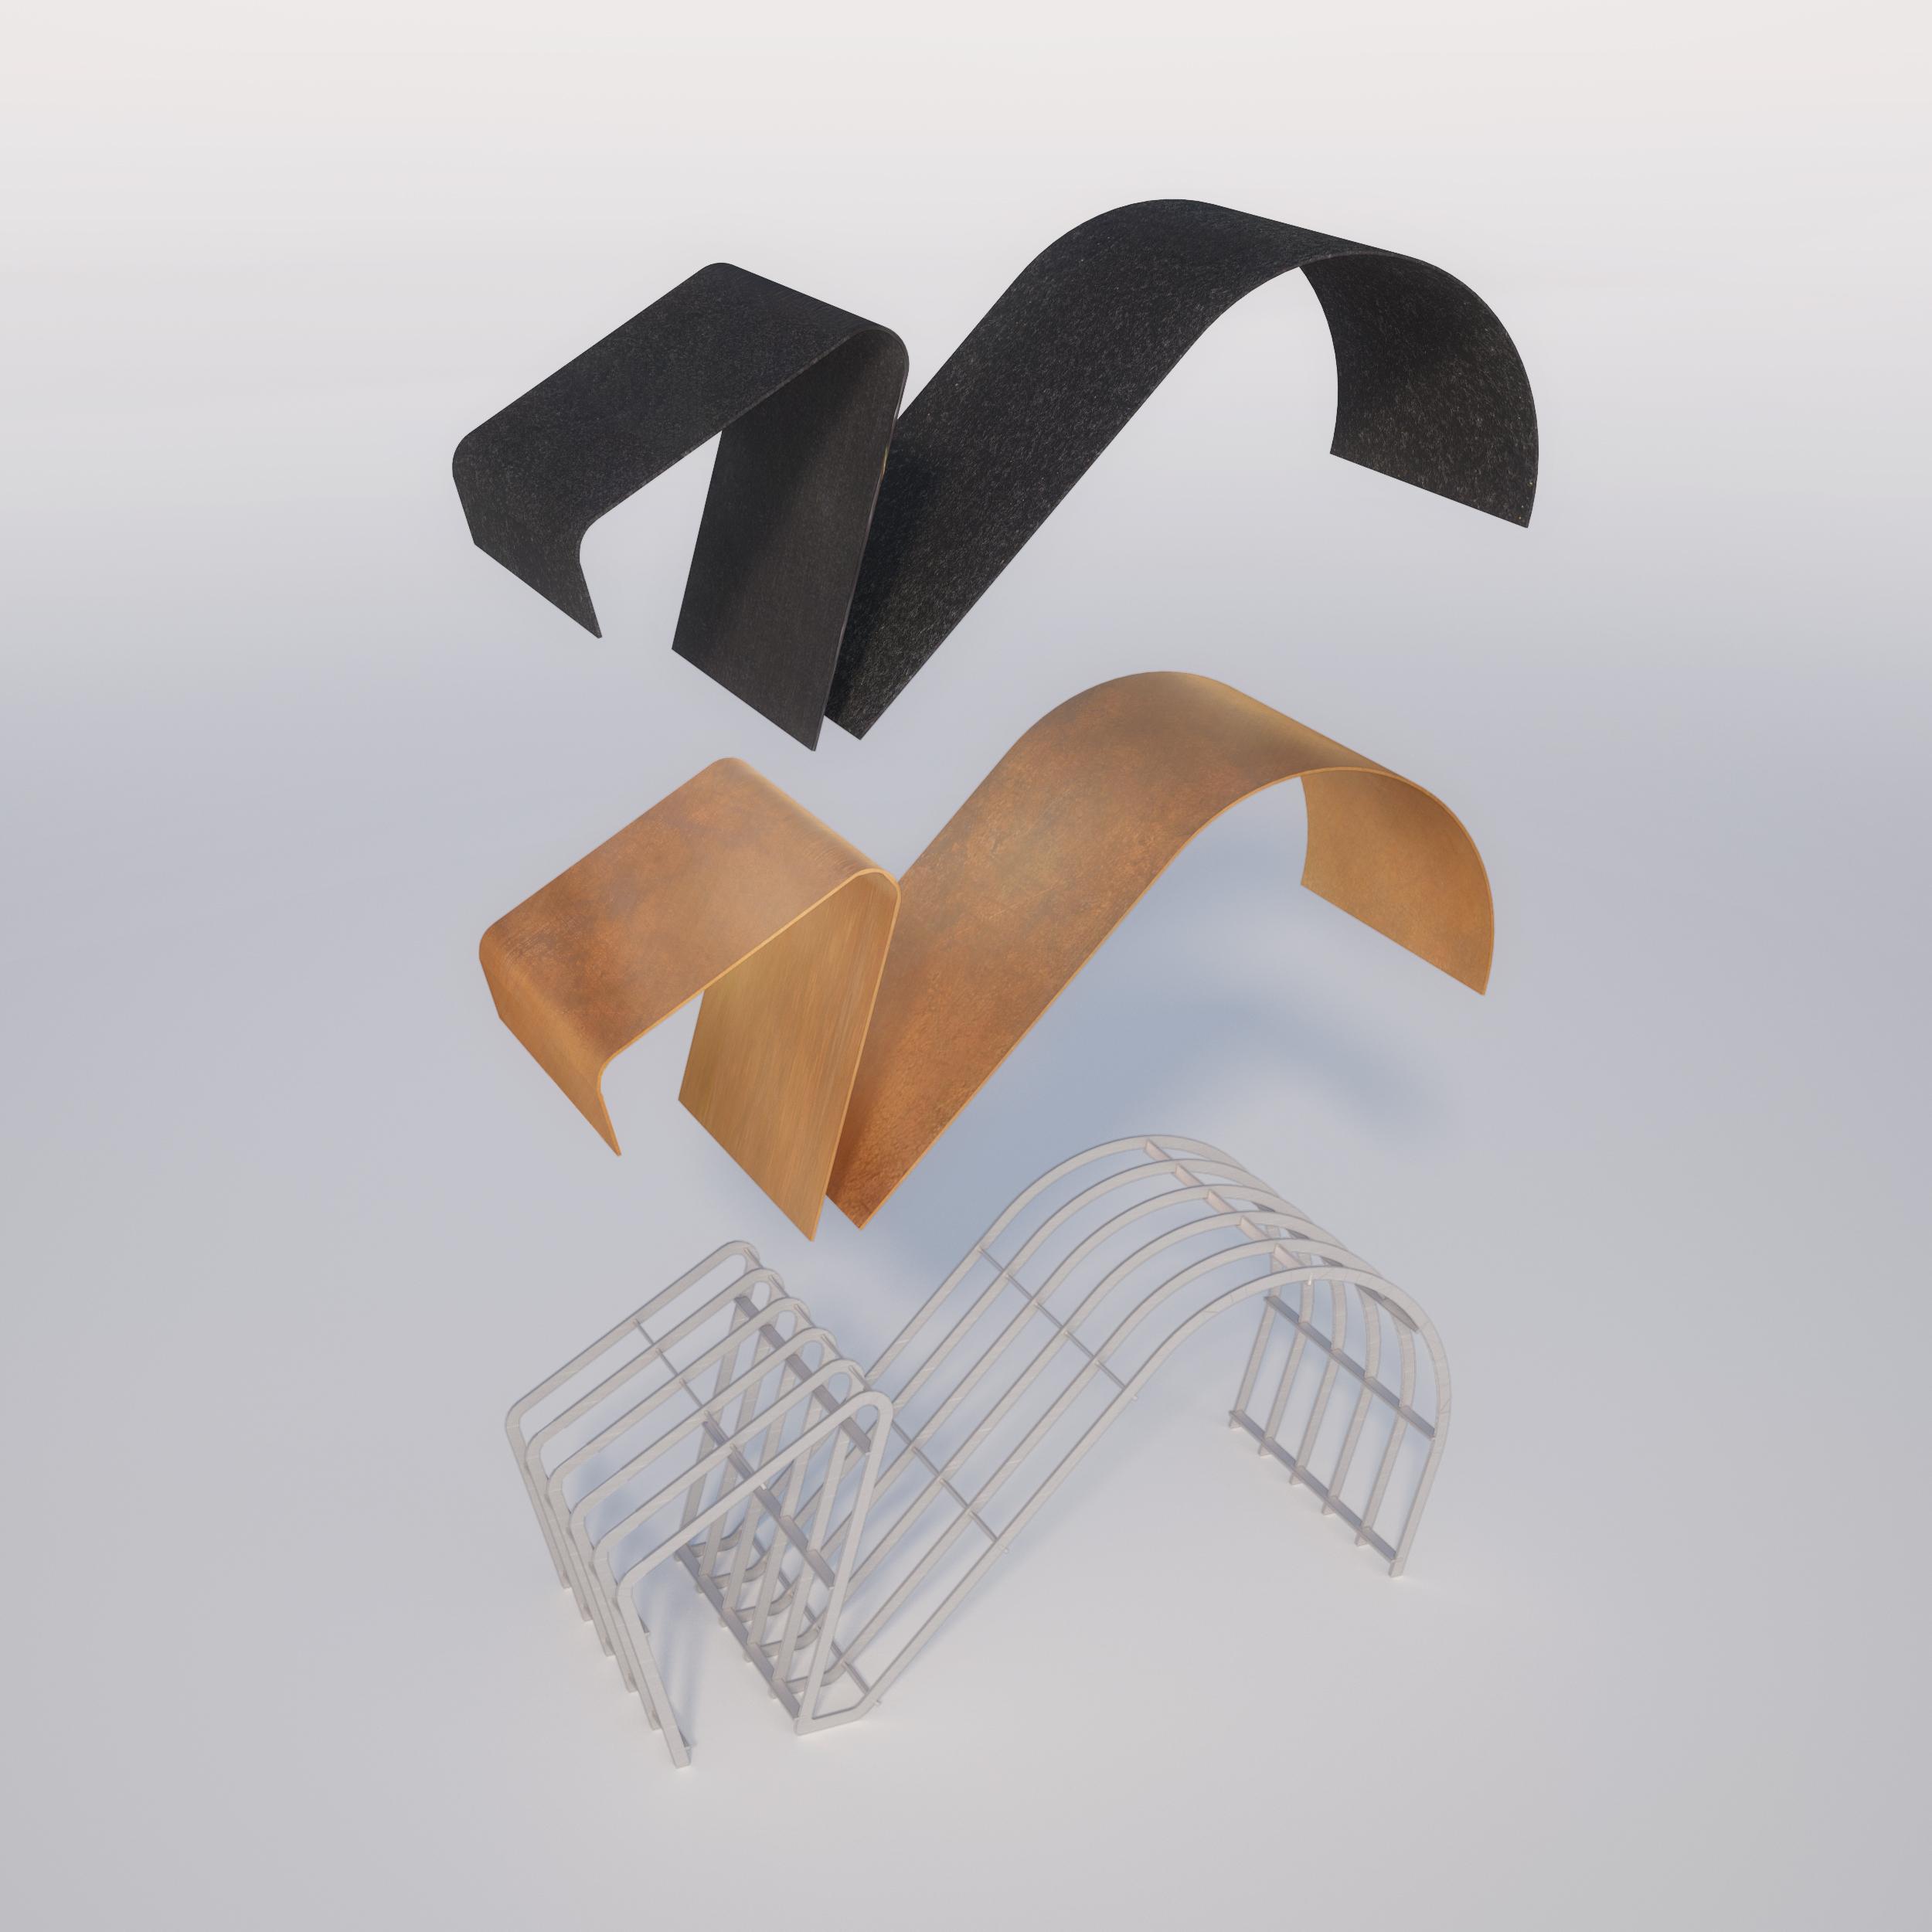 17703 Cor opus, Spine Chair - Axo 171221.jpg